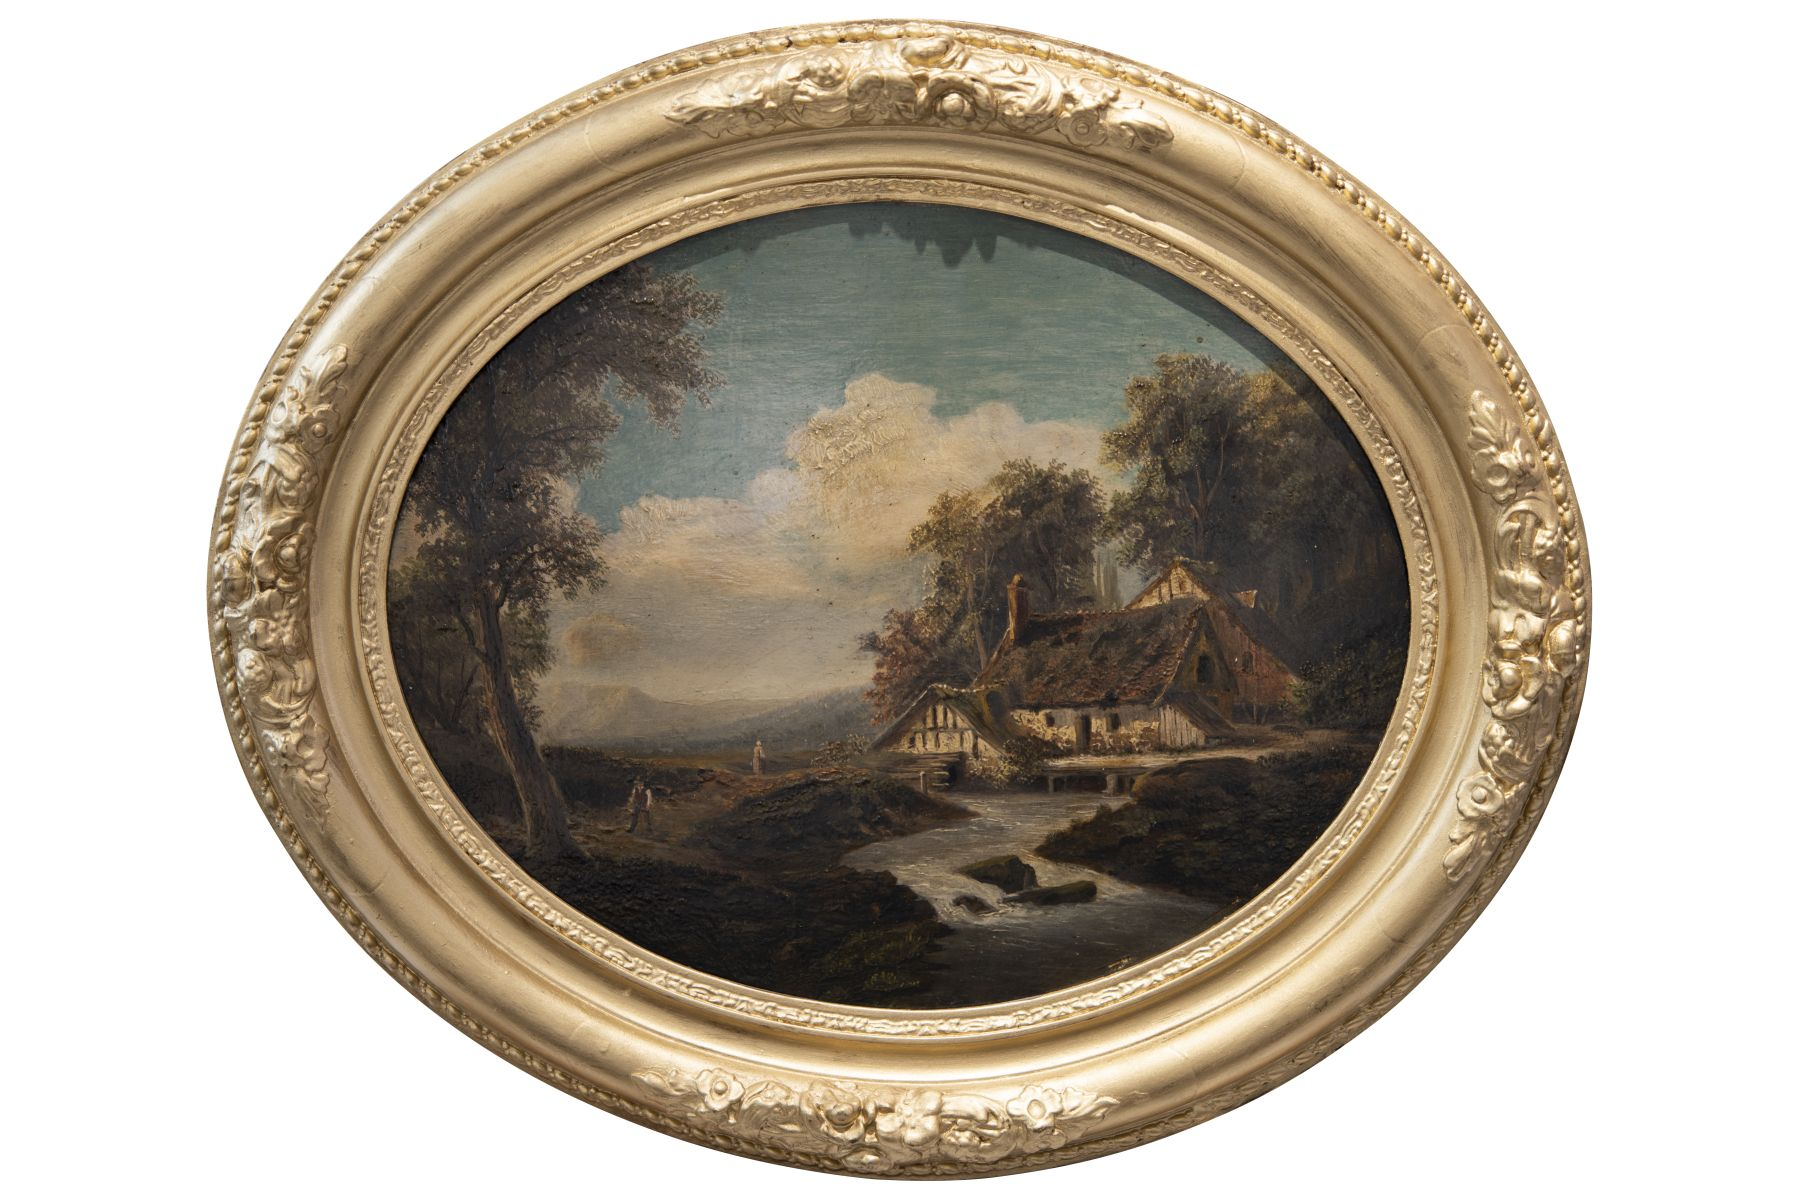 #104 Oval landscape | Ovales Landschaftsbild Image